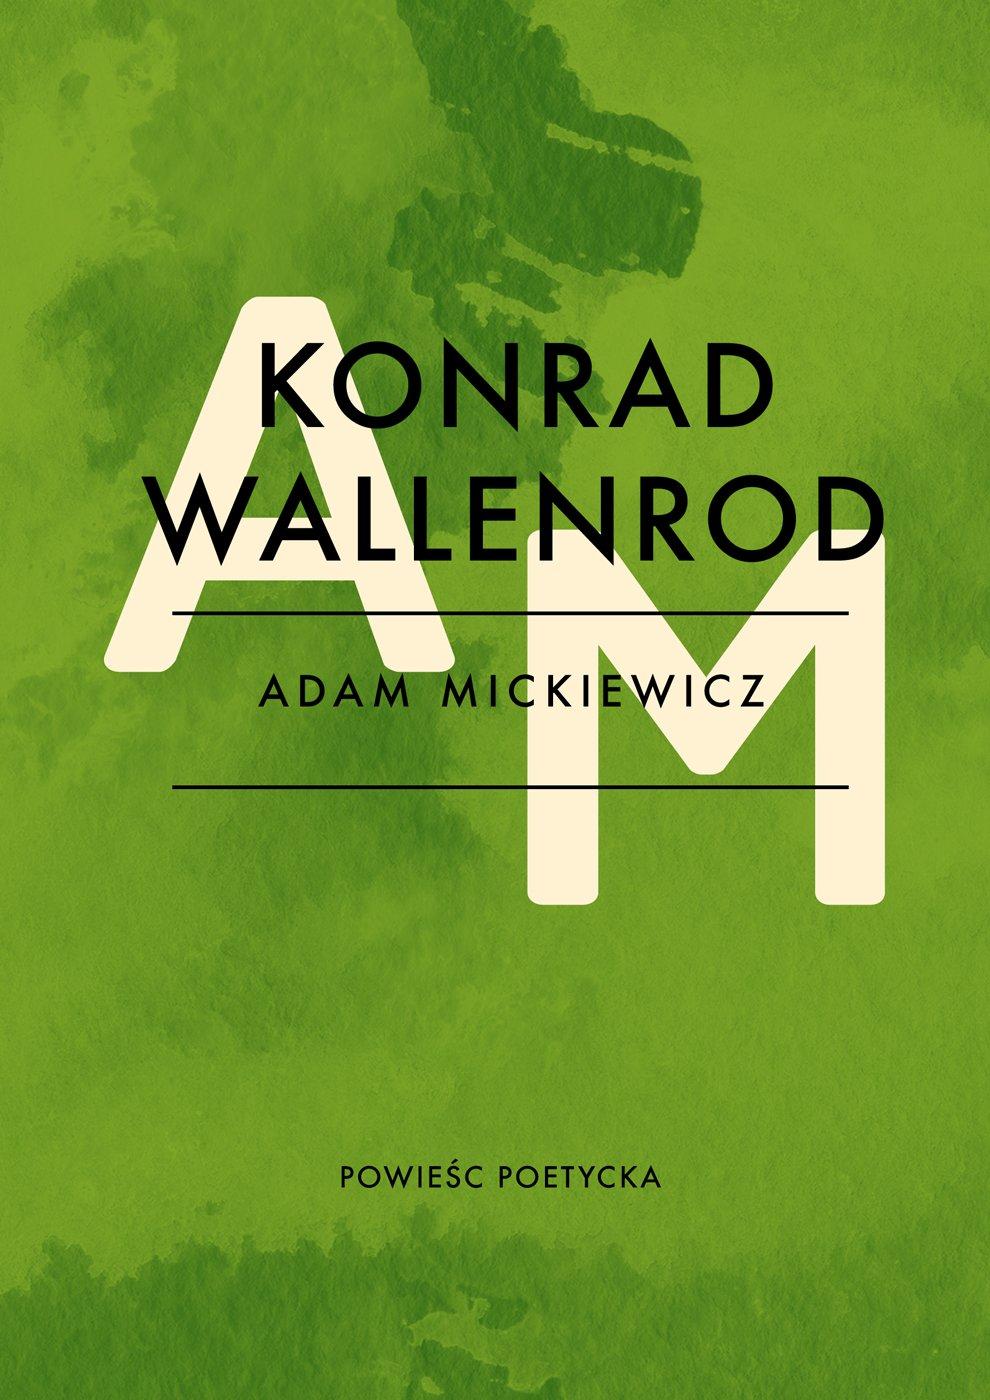 Konrad Wallenrod - Ebook (Książka EPUB) do pobrania w formacie EPUB